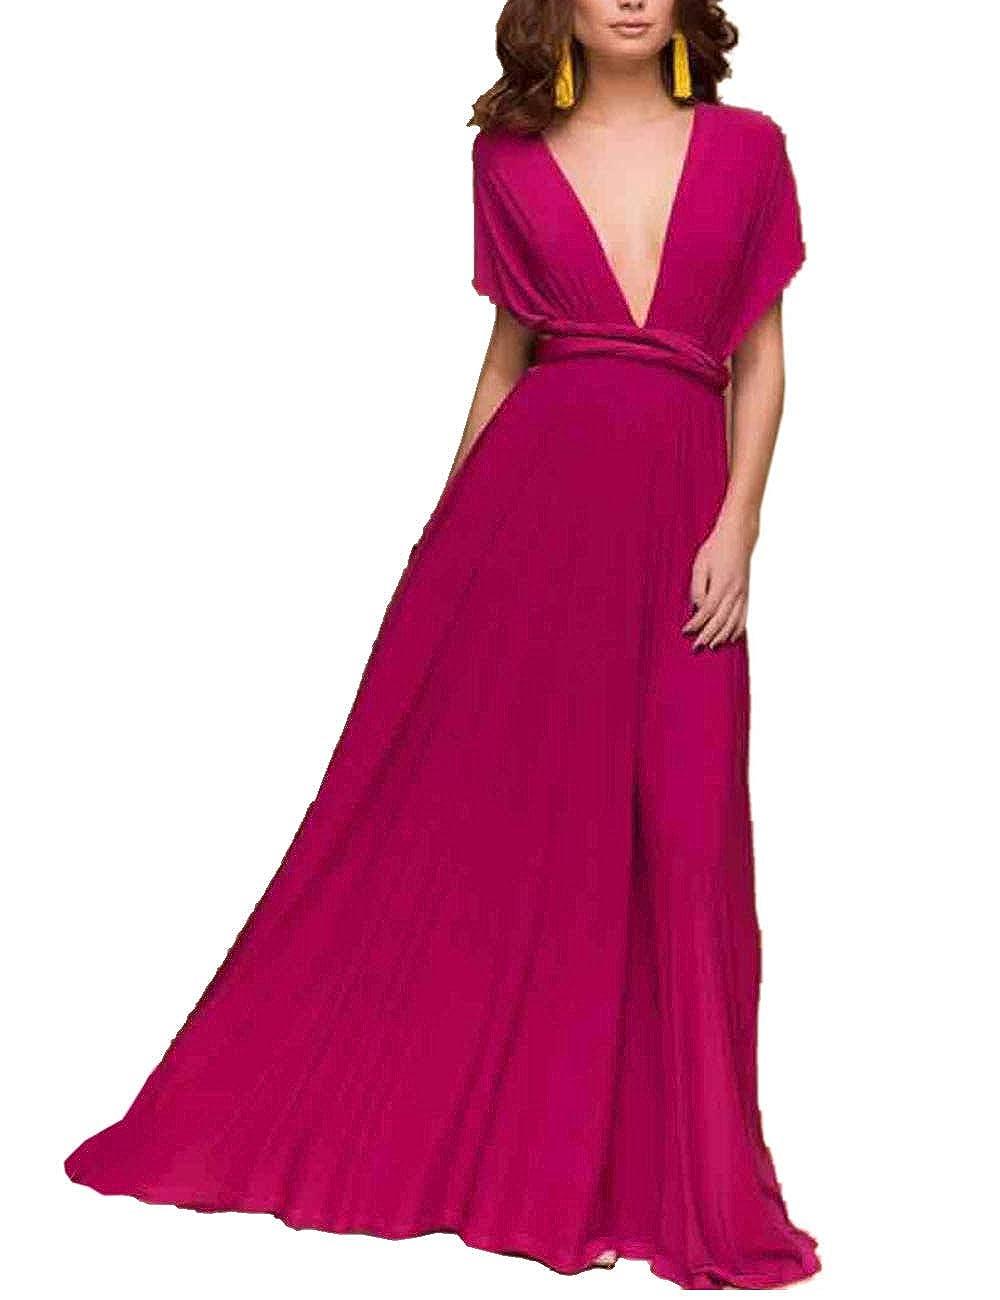 TALLA S. EMMA Mujeres Falda Larga de Cóctel Vestido de Noche Dama de Honor Elegante sin Respaldo Rojo Rosa S